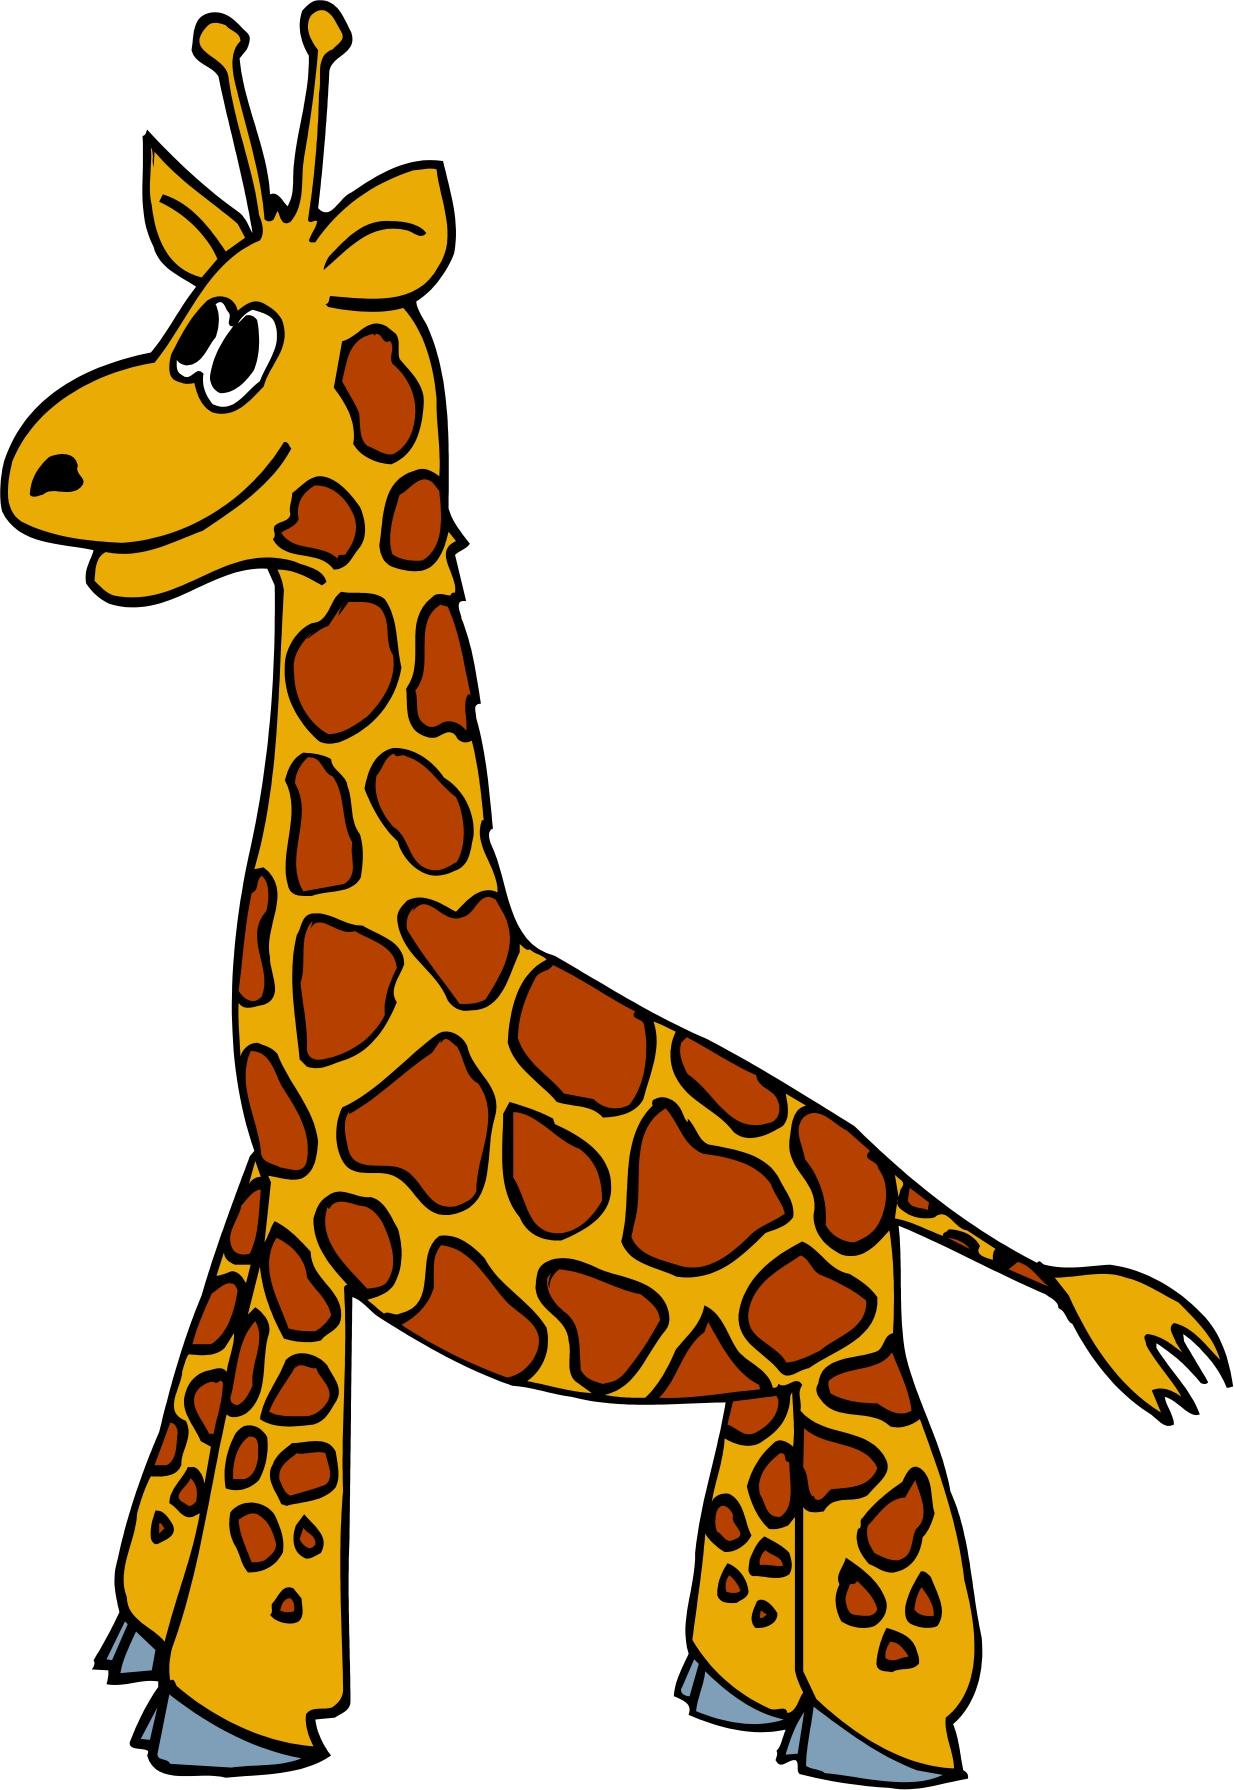 1234x1790 Giraffe Cartoon Drawings Giraffe Cartoon Drawings